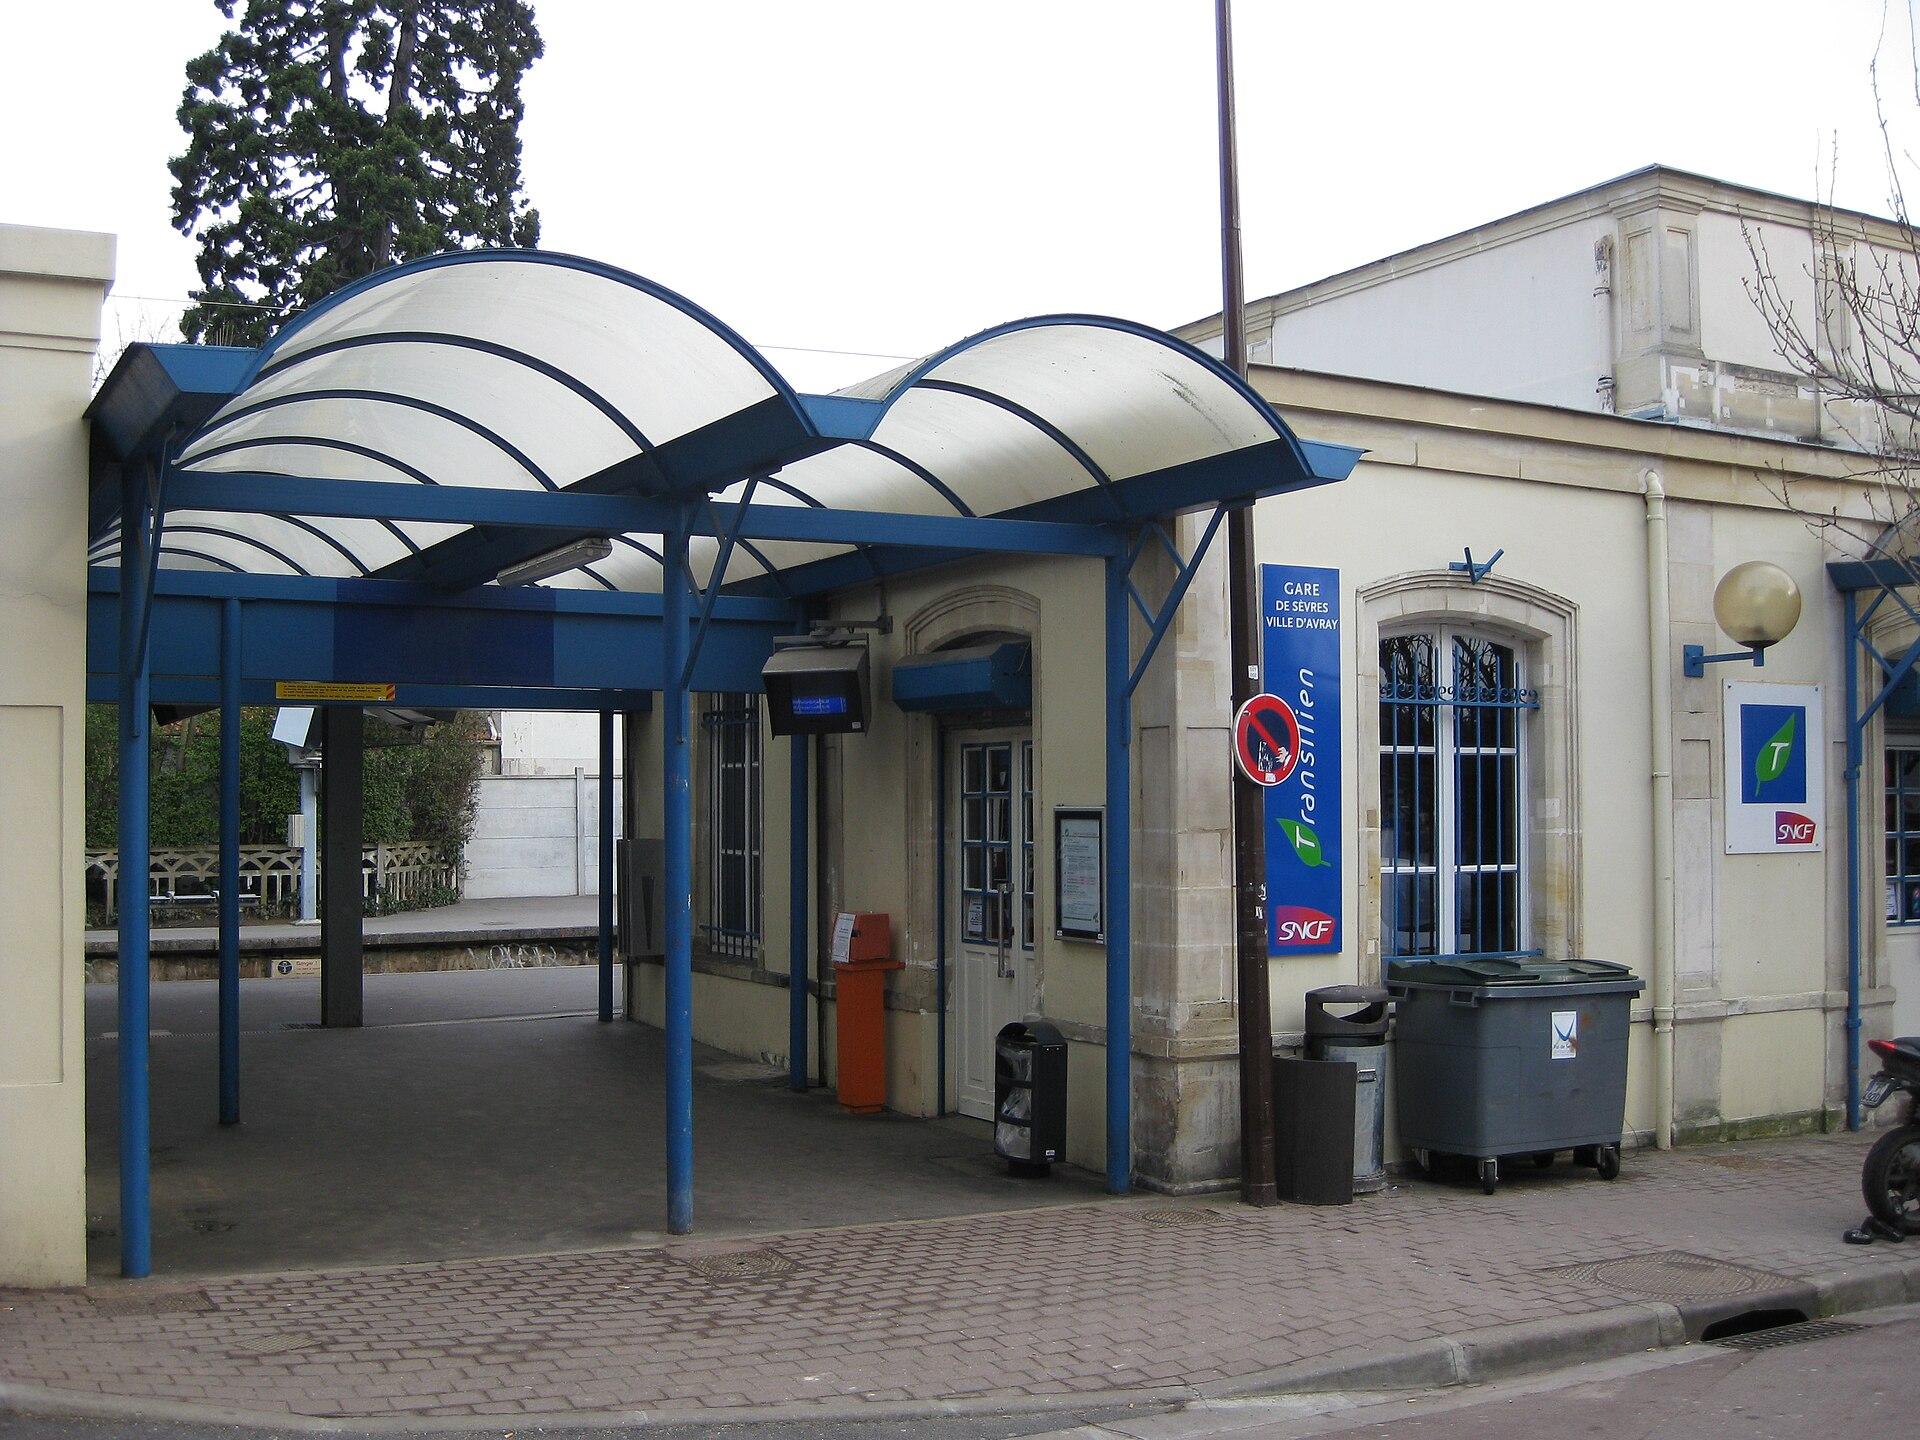 Paris Gare Sevres D  Ef Bf Bd S Ef Bf Bdvres Ville D Avray